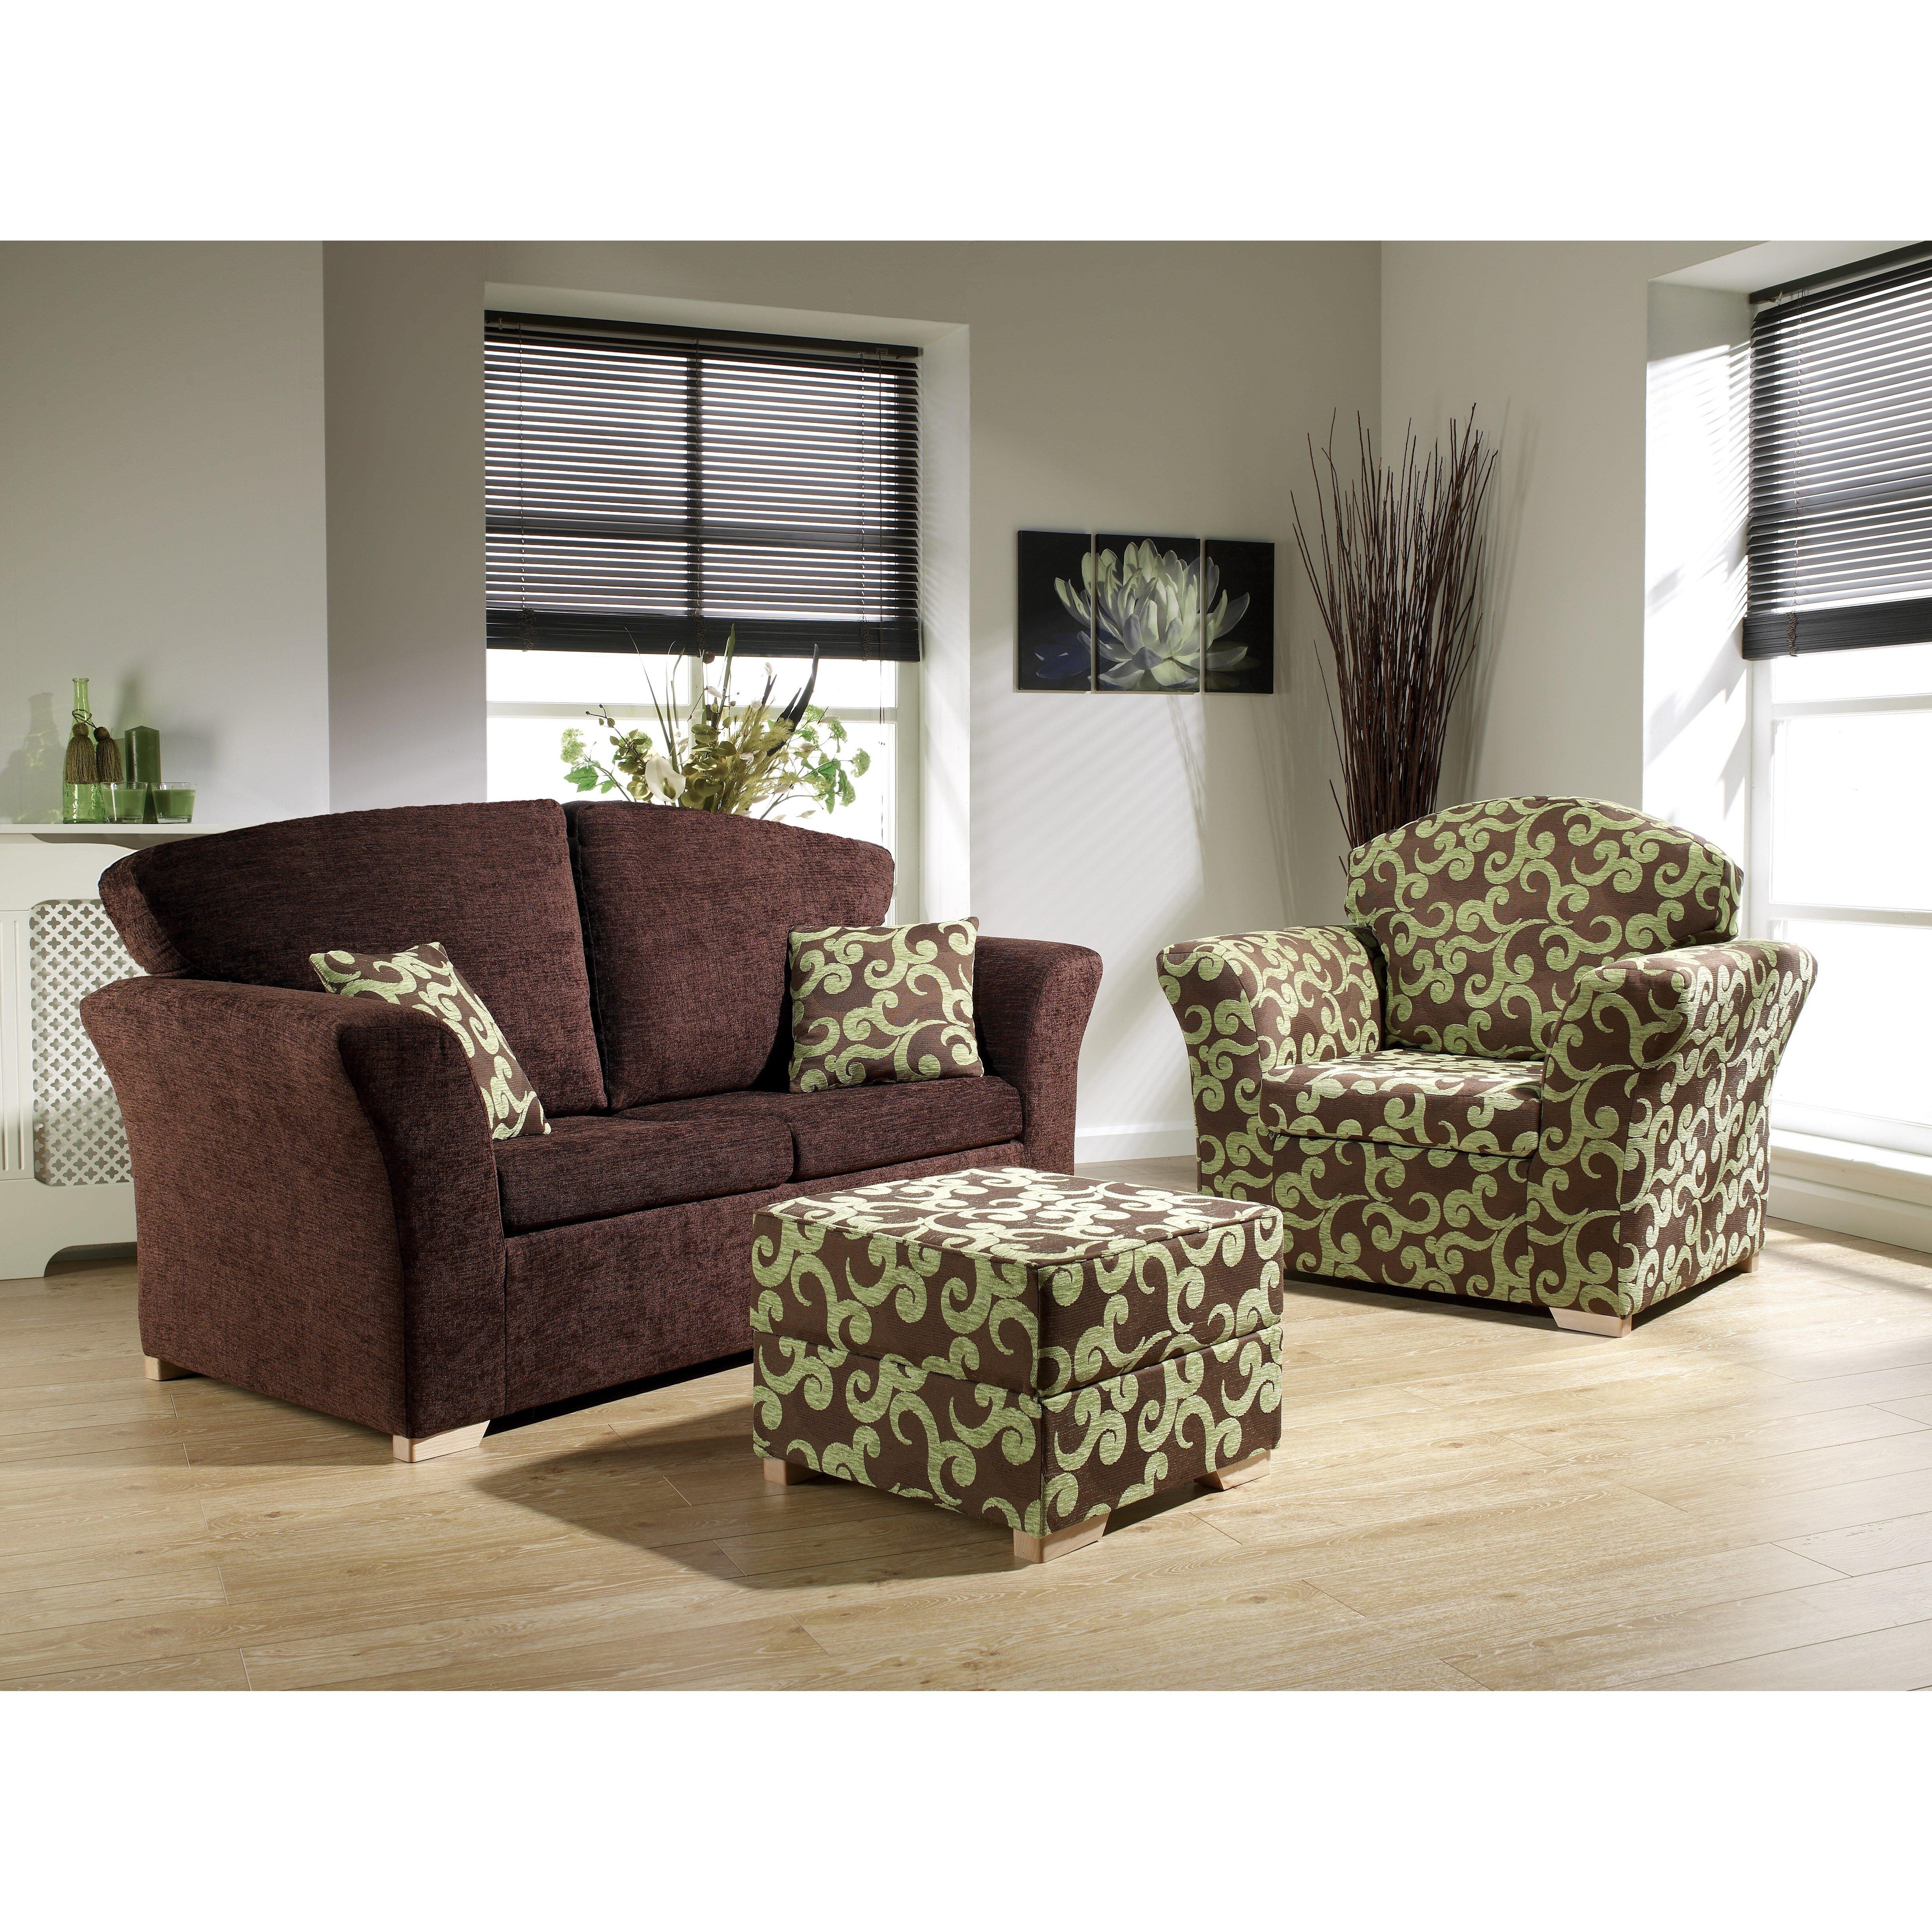 Churchfield Sofa Bed Company My Blog - Churchfield sofa bed company